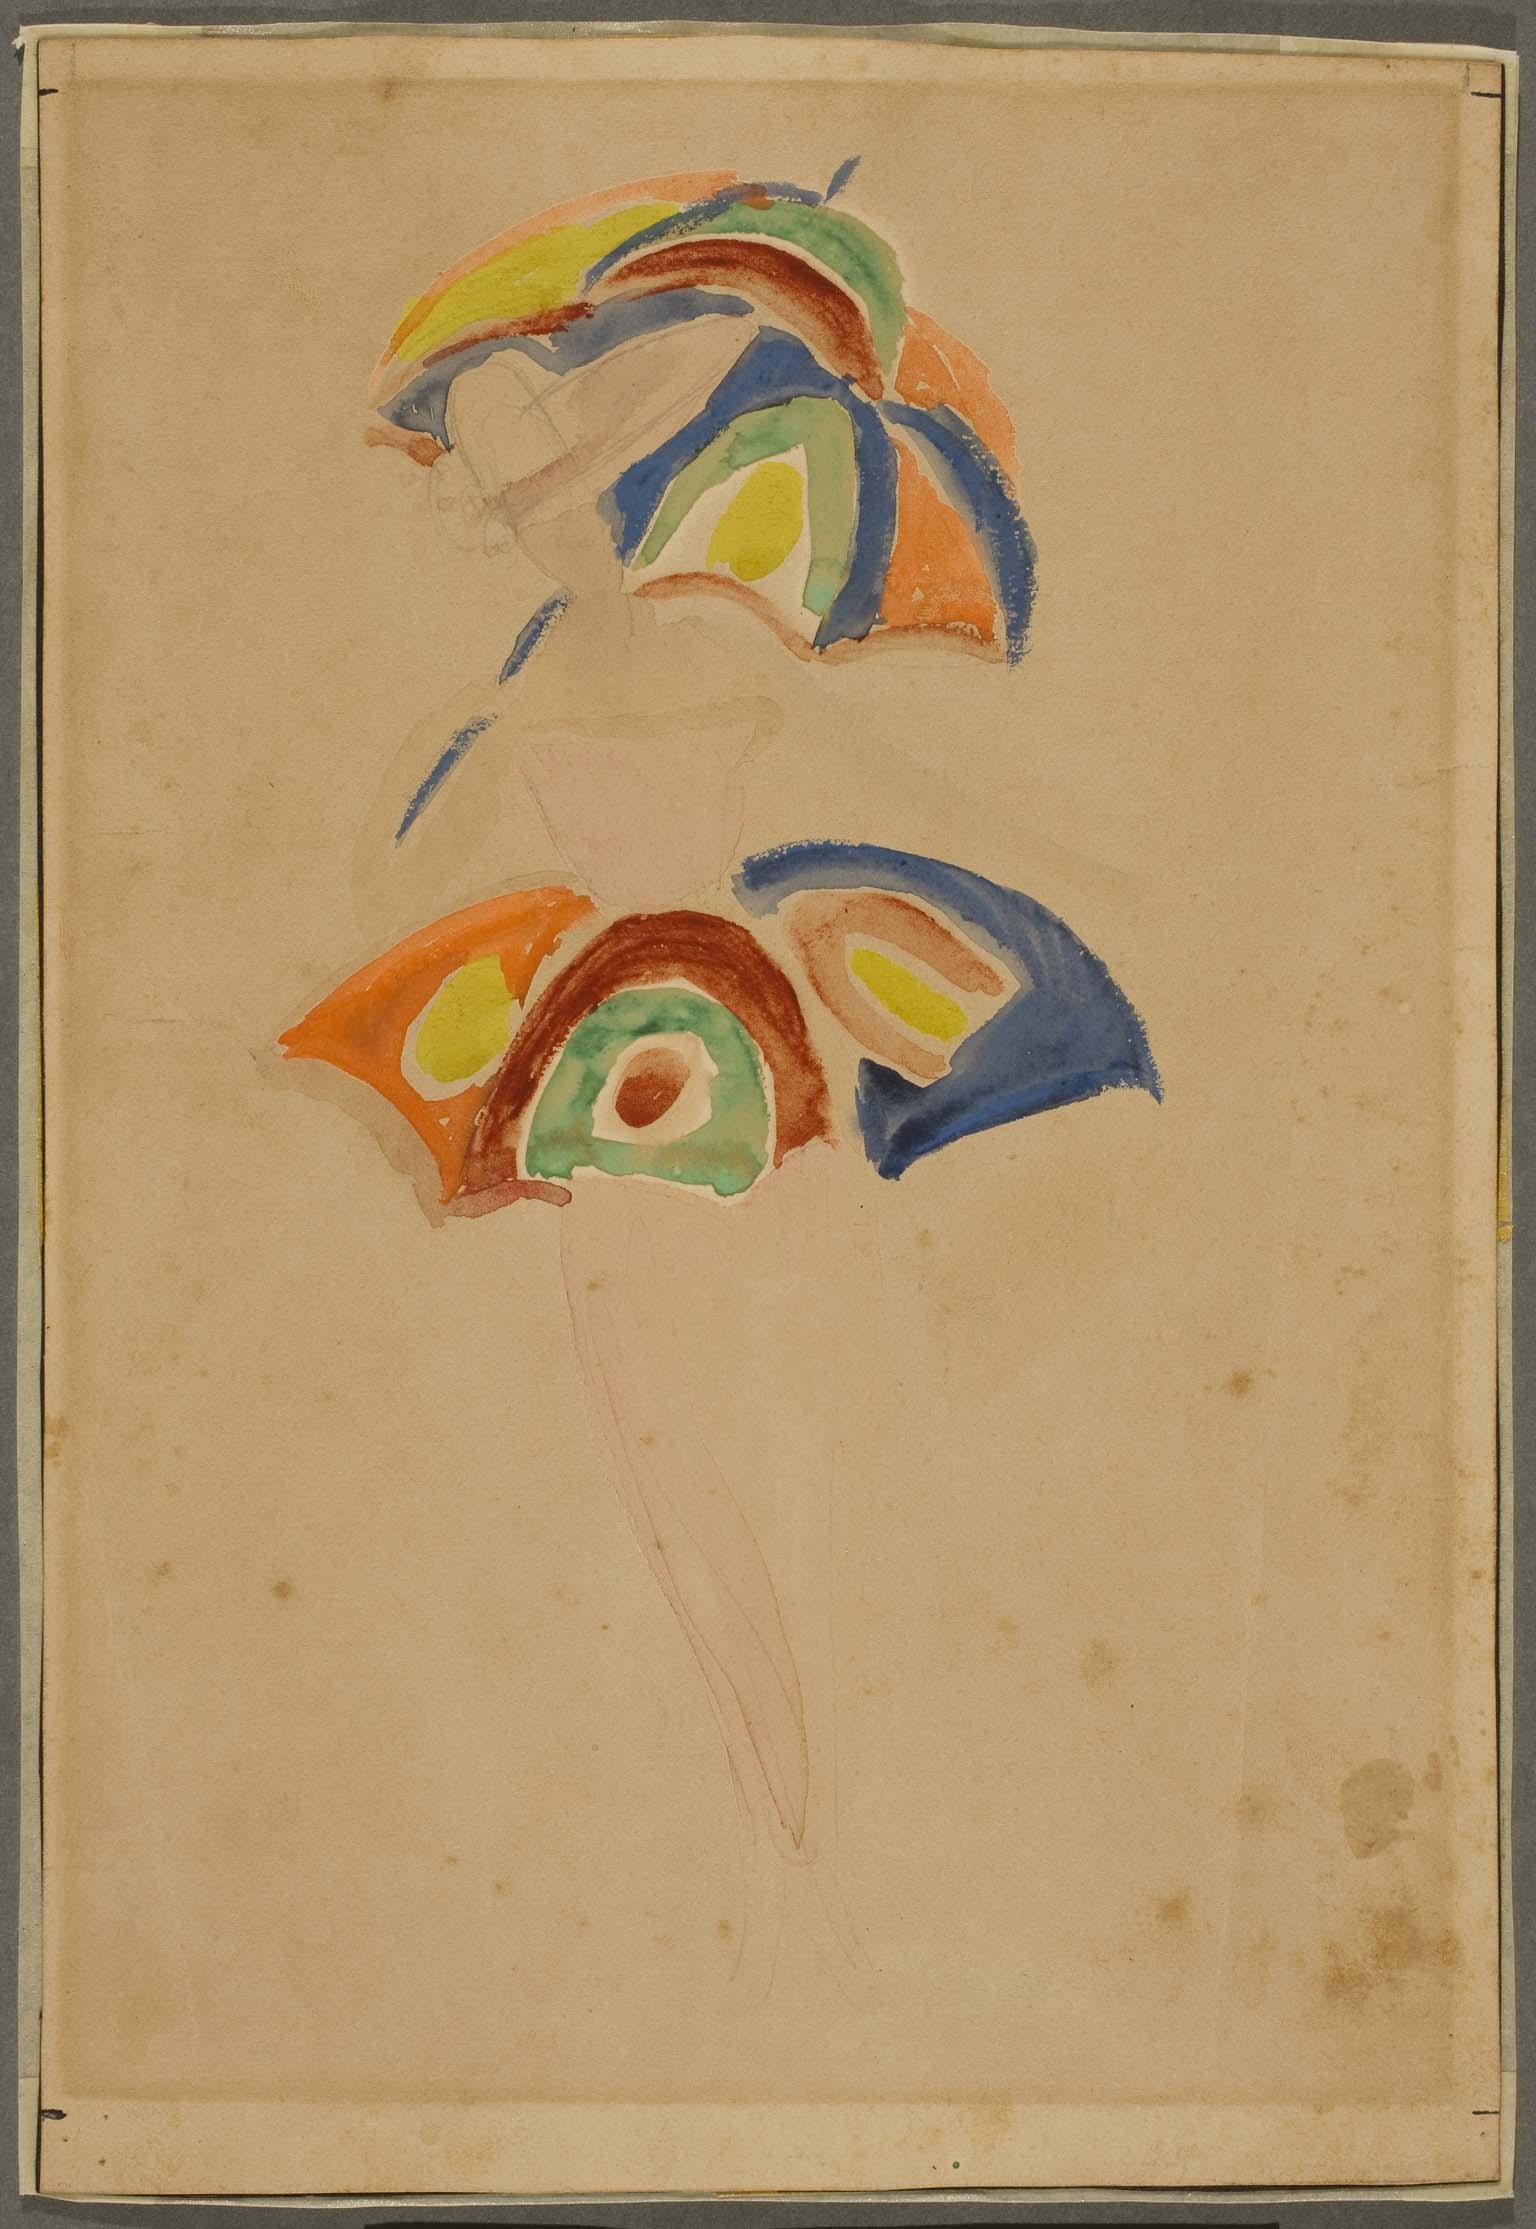 Sonia Delaunay (Sarah Stern) - Esquisse costume avec parapluie (Boceto de  traje con paraguas)